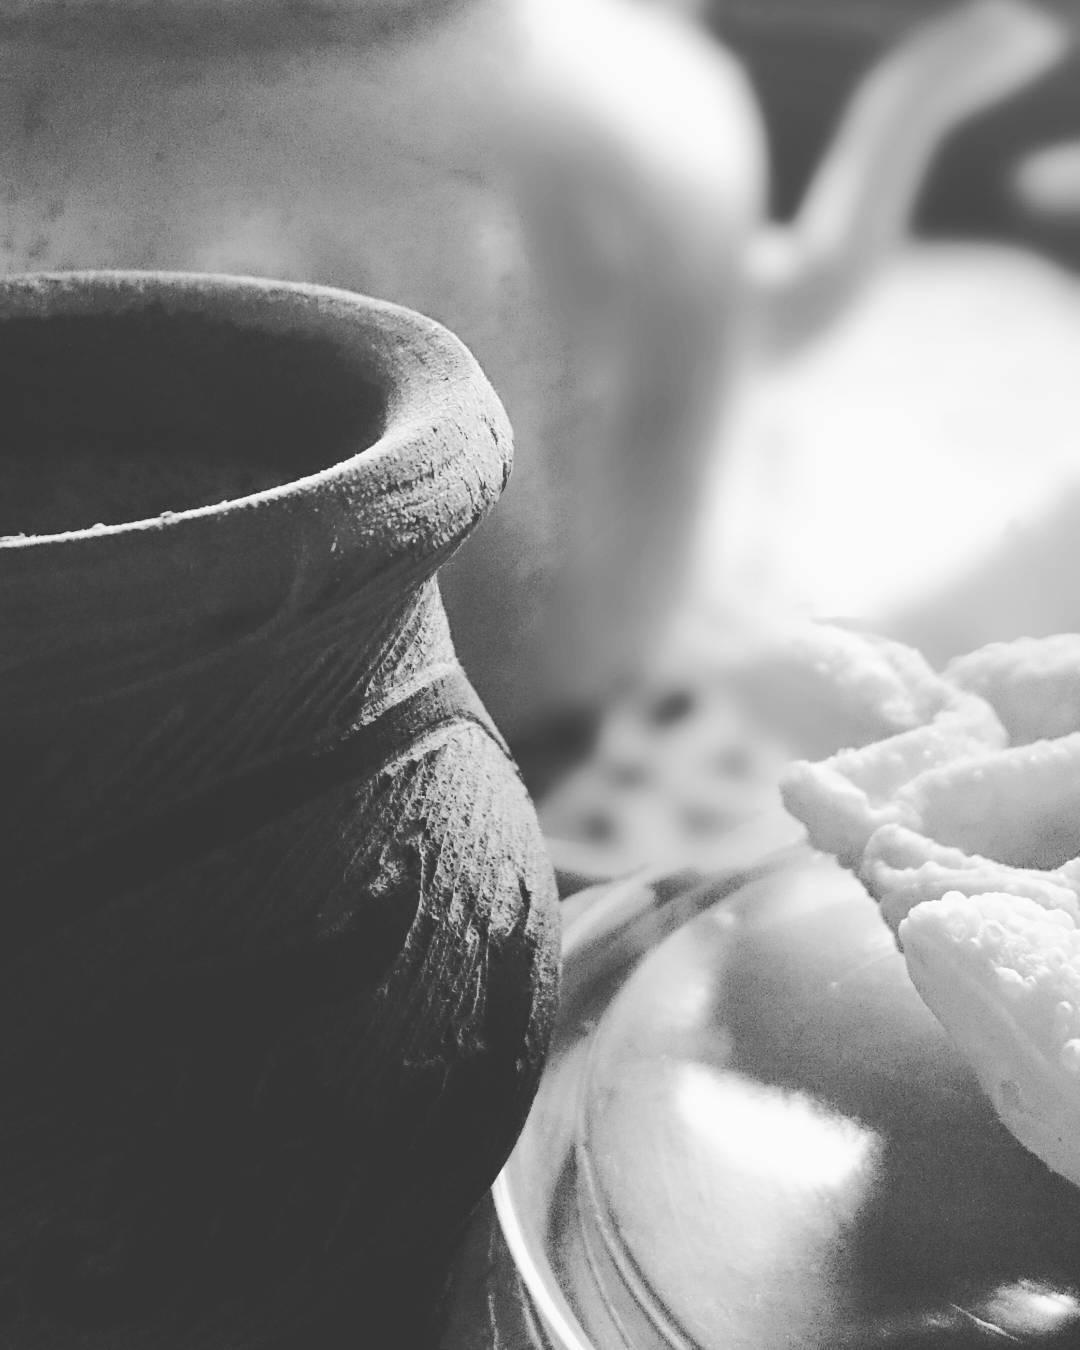 Sábado en casa. Sábado de estudio.  #BuenDia #Mates&Pastelitos